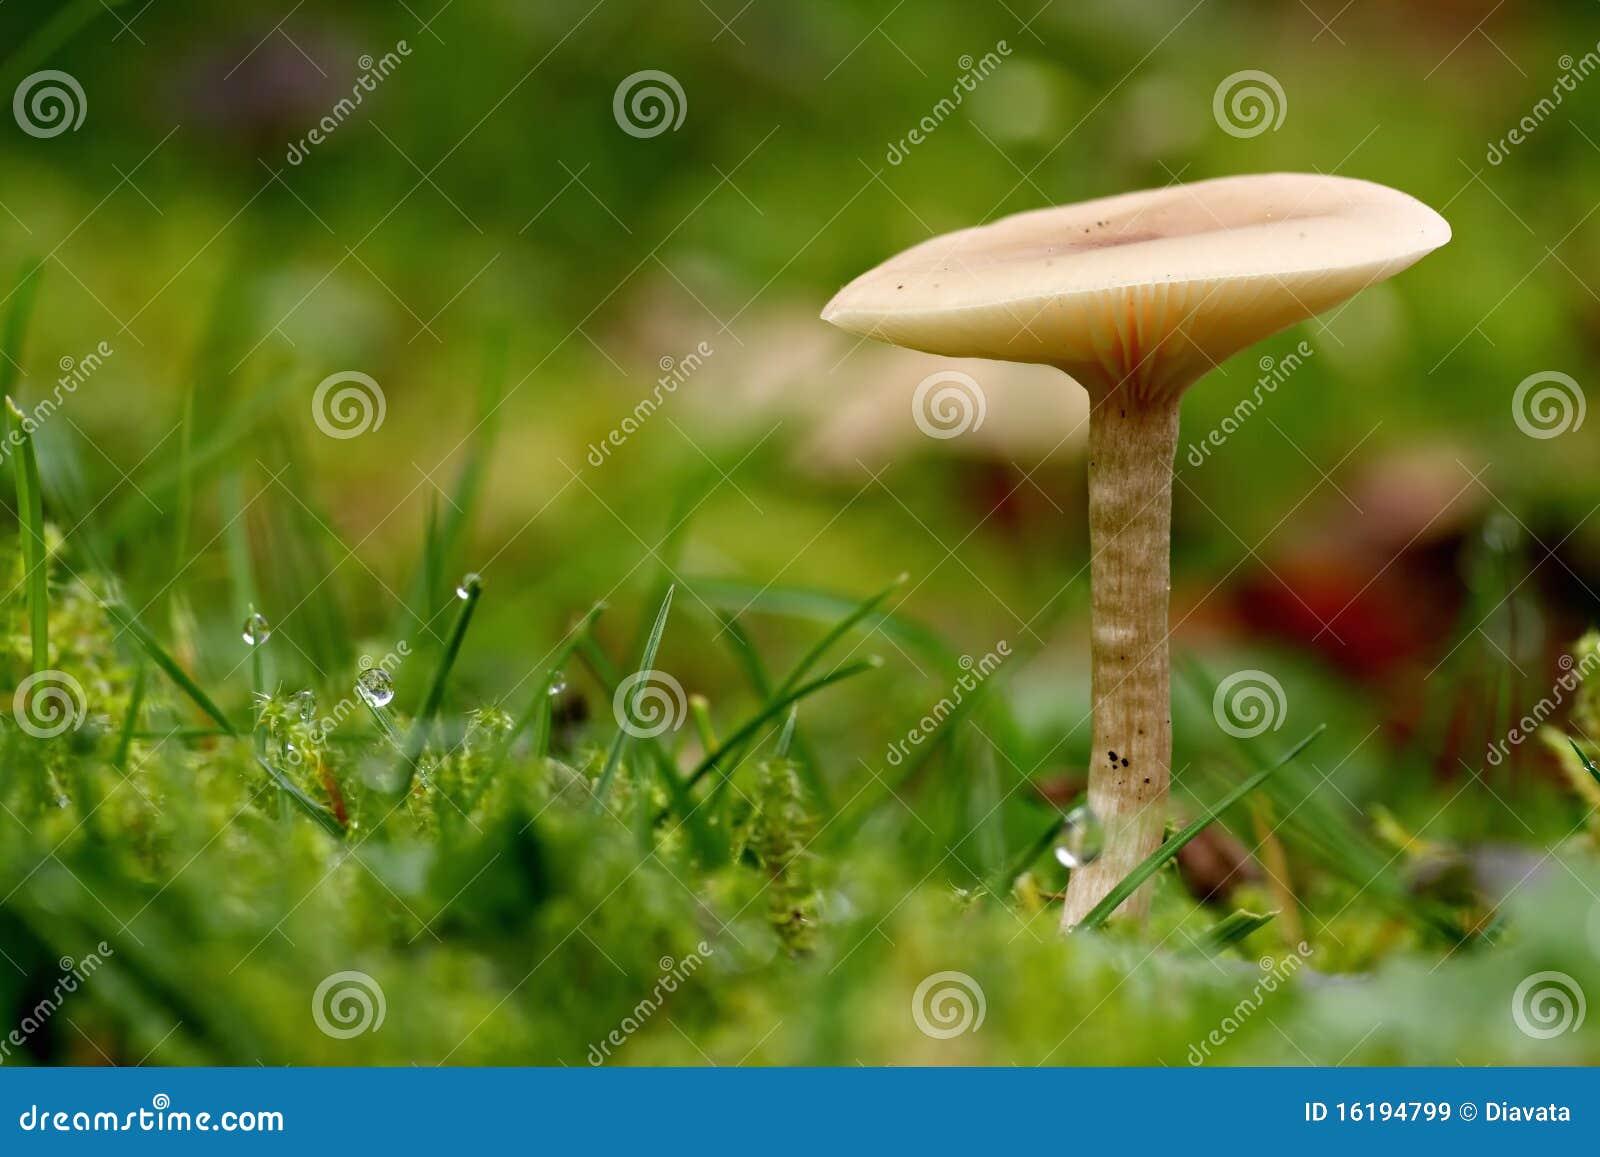 Unguento eficaz de um fungo de pele